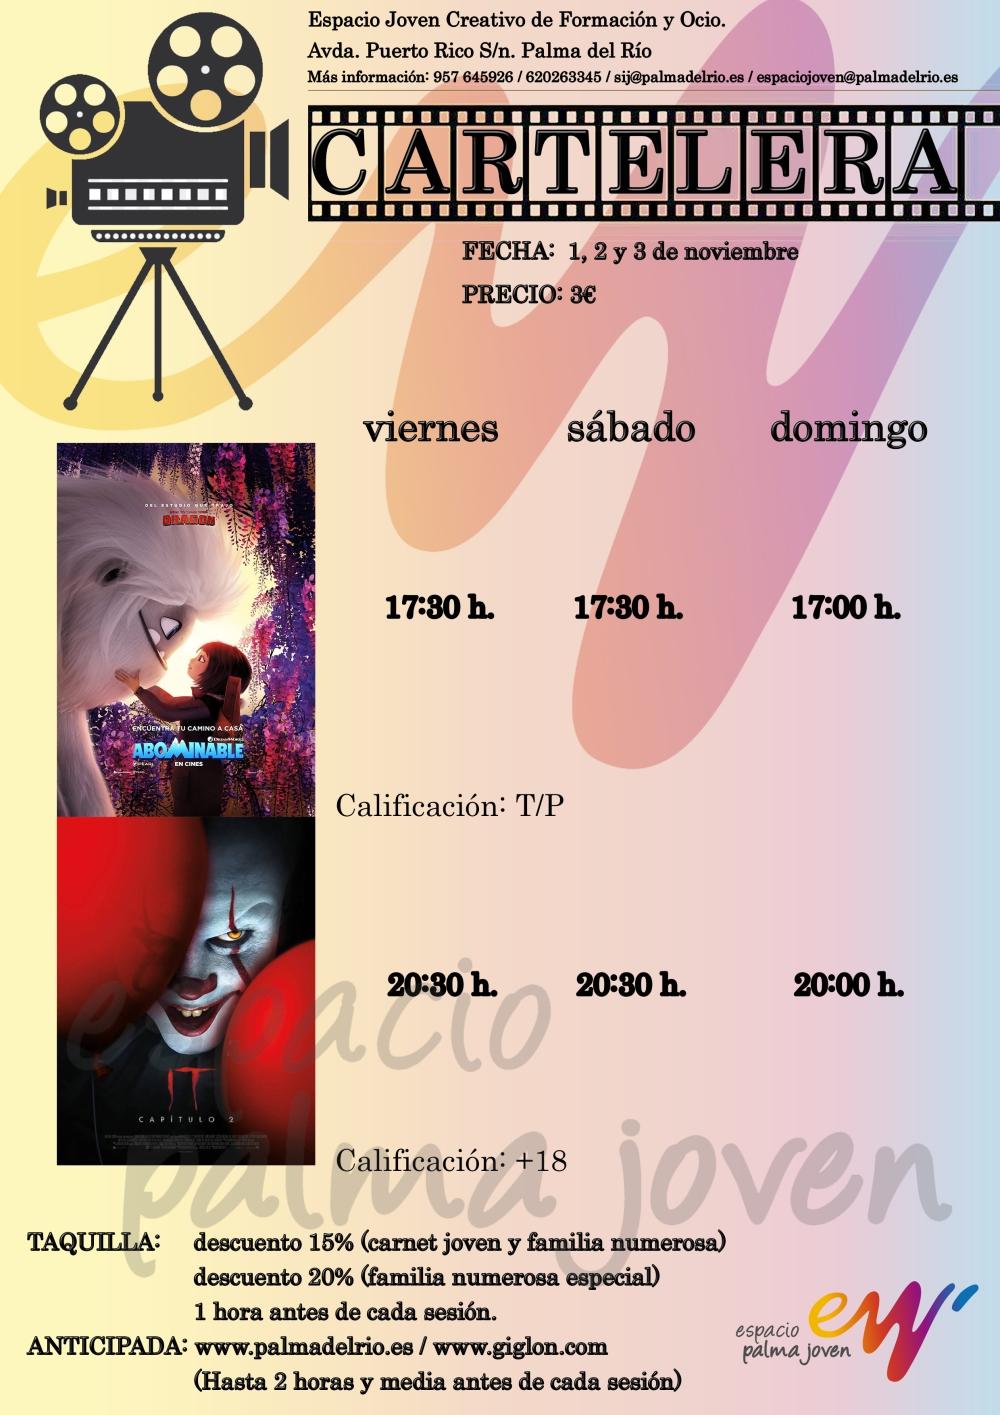 https://www.palmadelrio.es/sites/default/files/horario_cine_1_2_y_3_noviembre.jpg